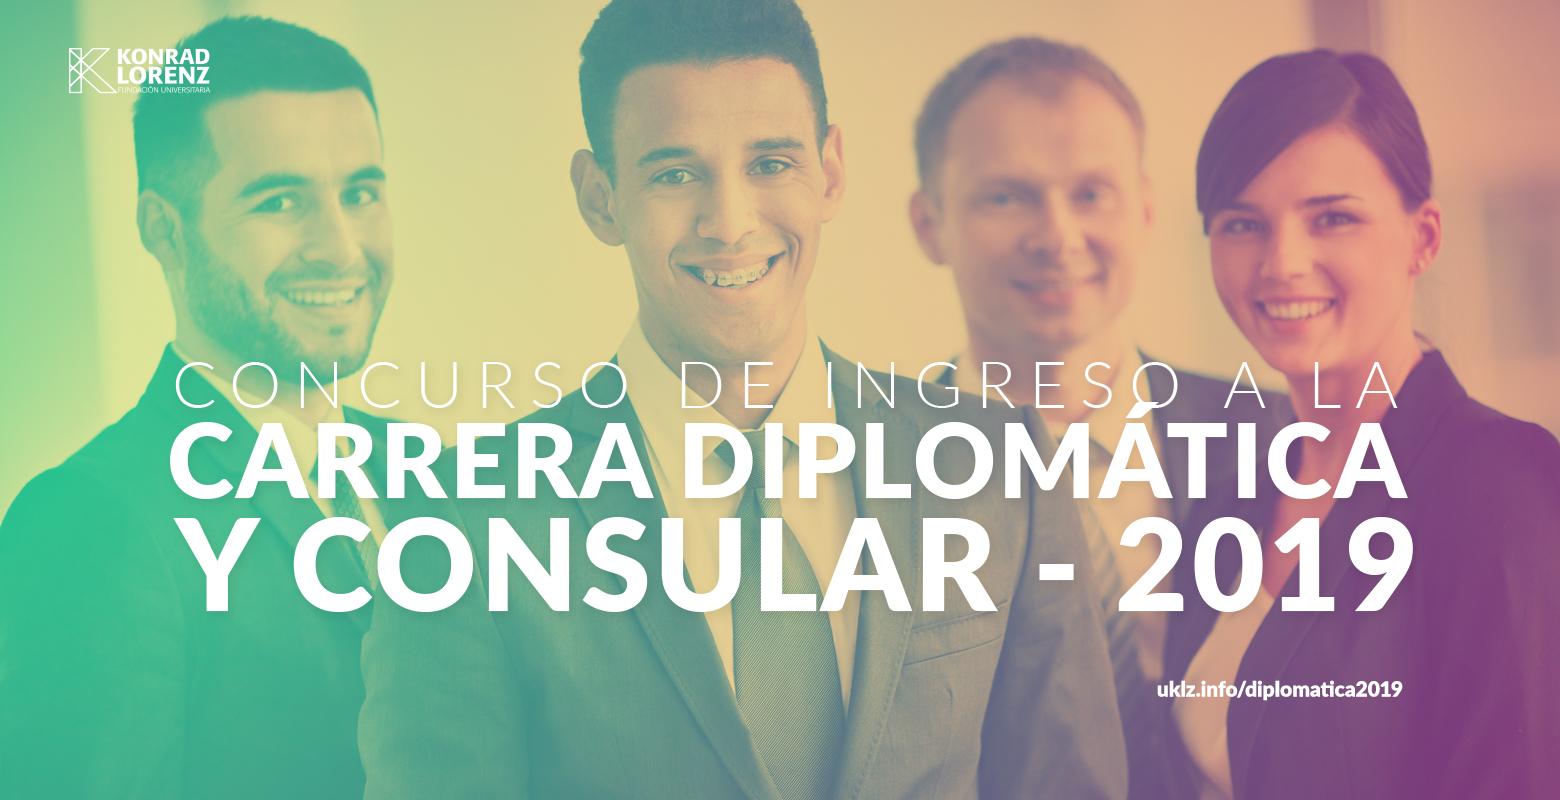 Concurso de ingreso a la carrera diplomática y consular